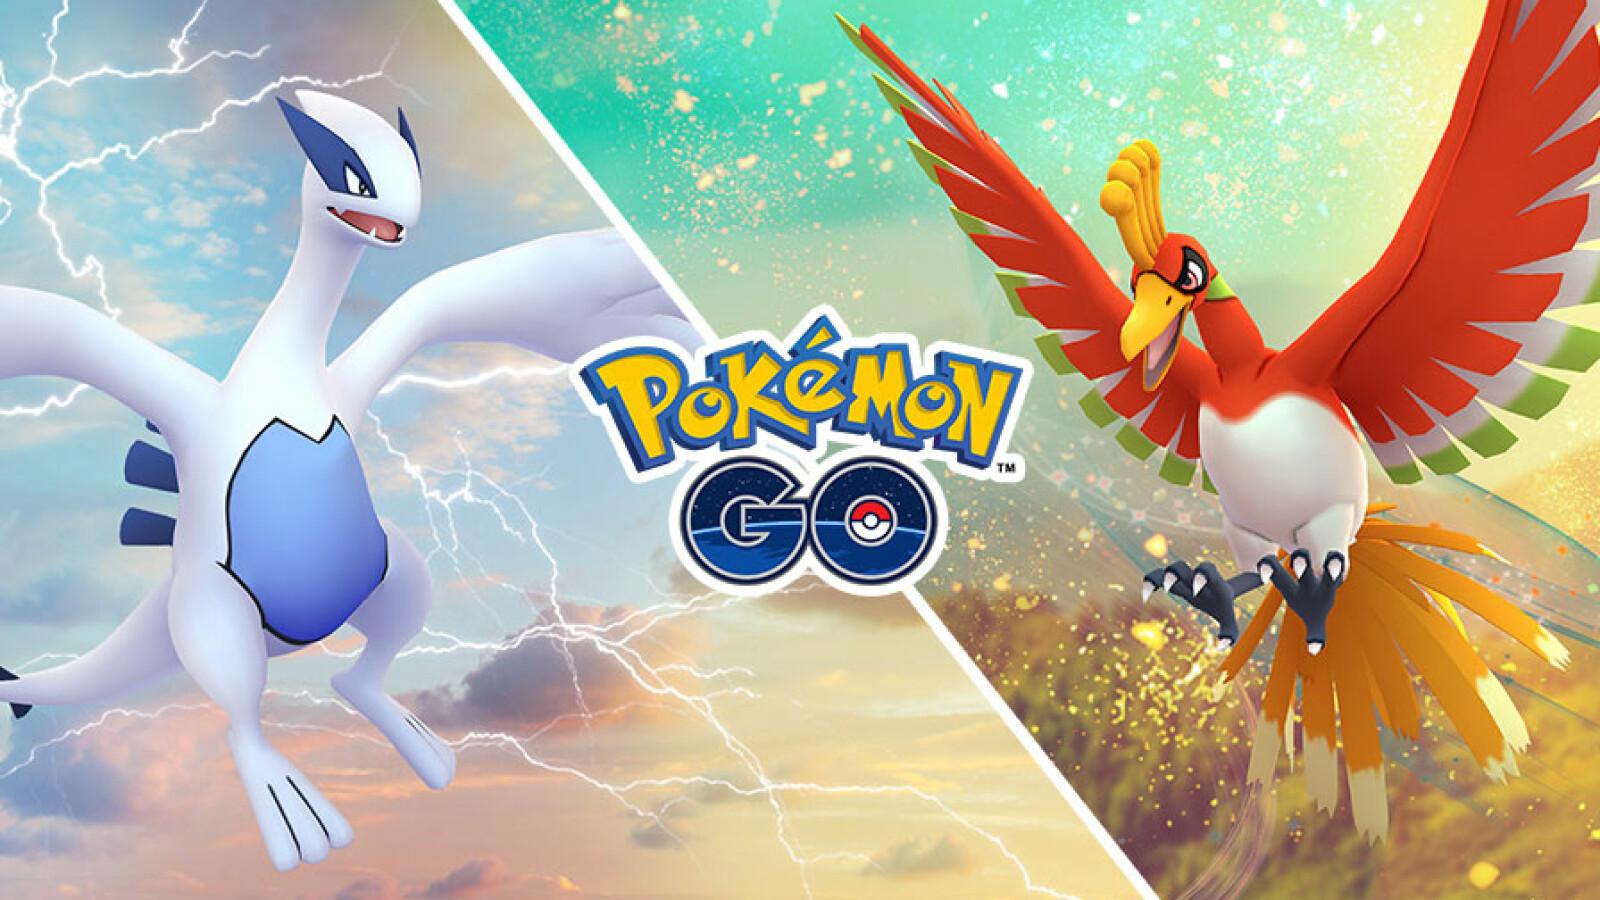 Pokémon GO: Unfaire PvP-Kämpfe sorgen für frustrierte Reaktionen im Netz